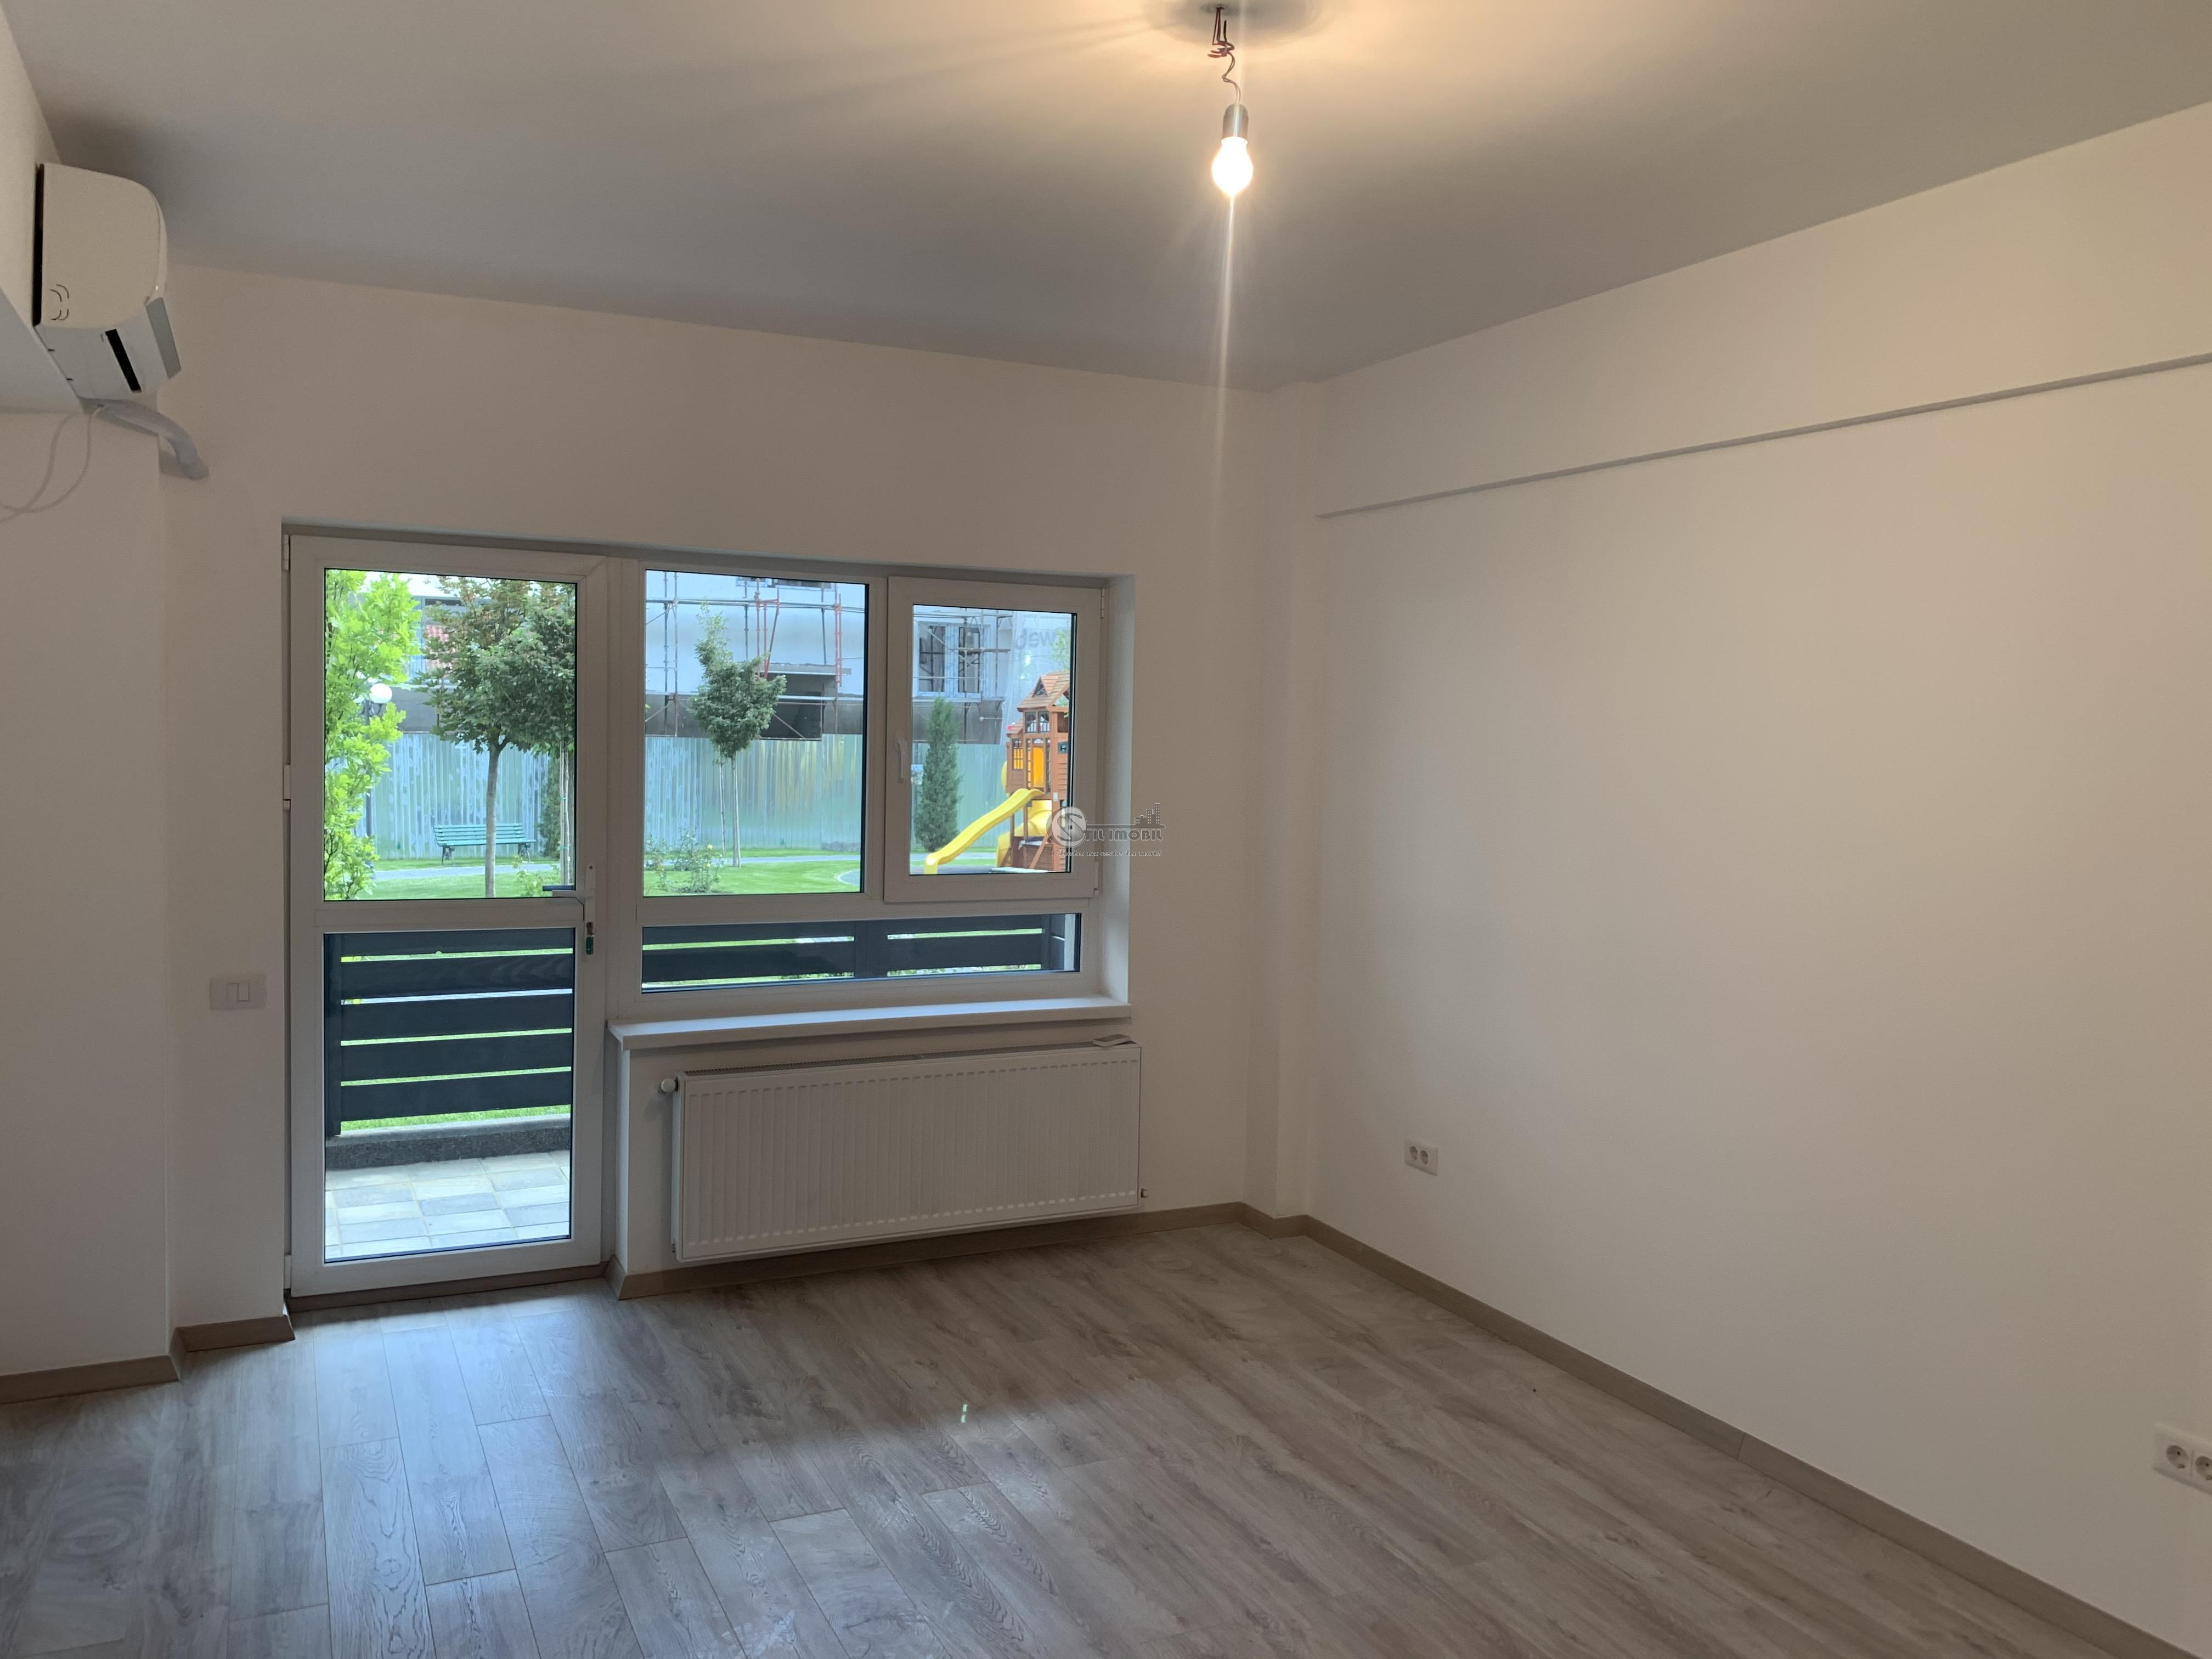 51800euro Apartament 1c Popas Pacurari bloc nou et 1 42mp